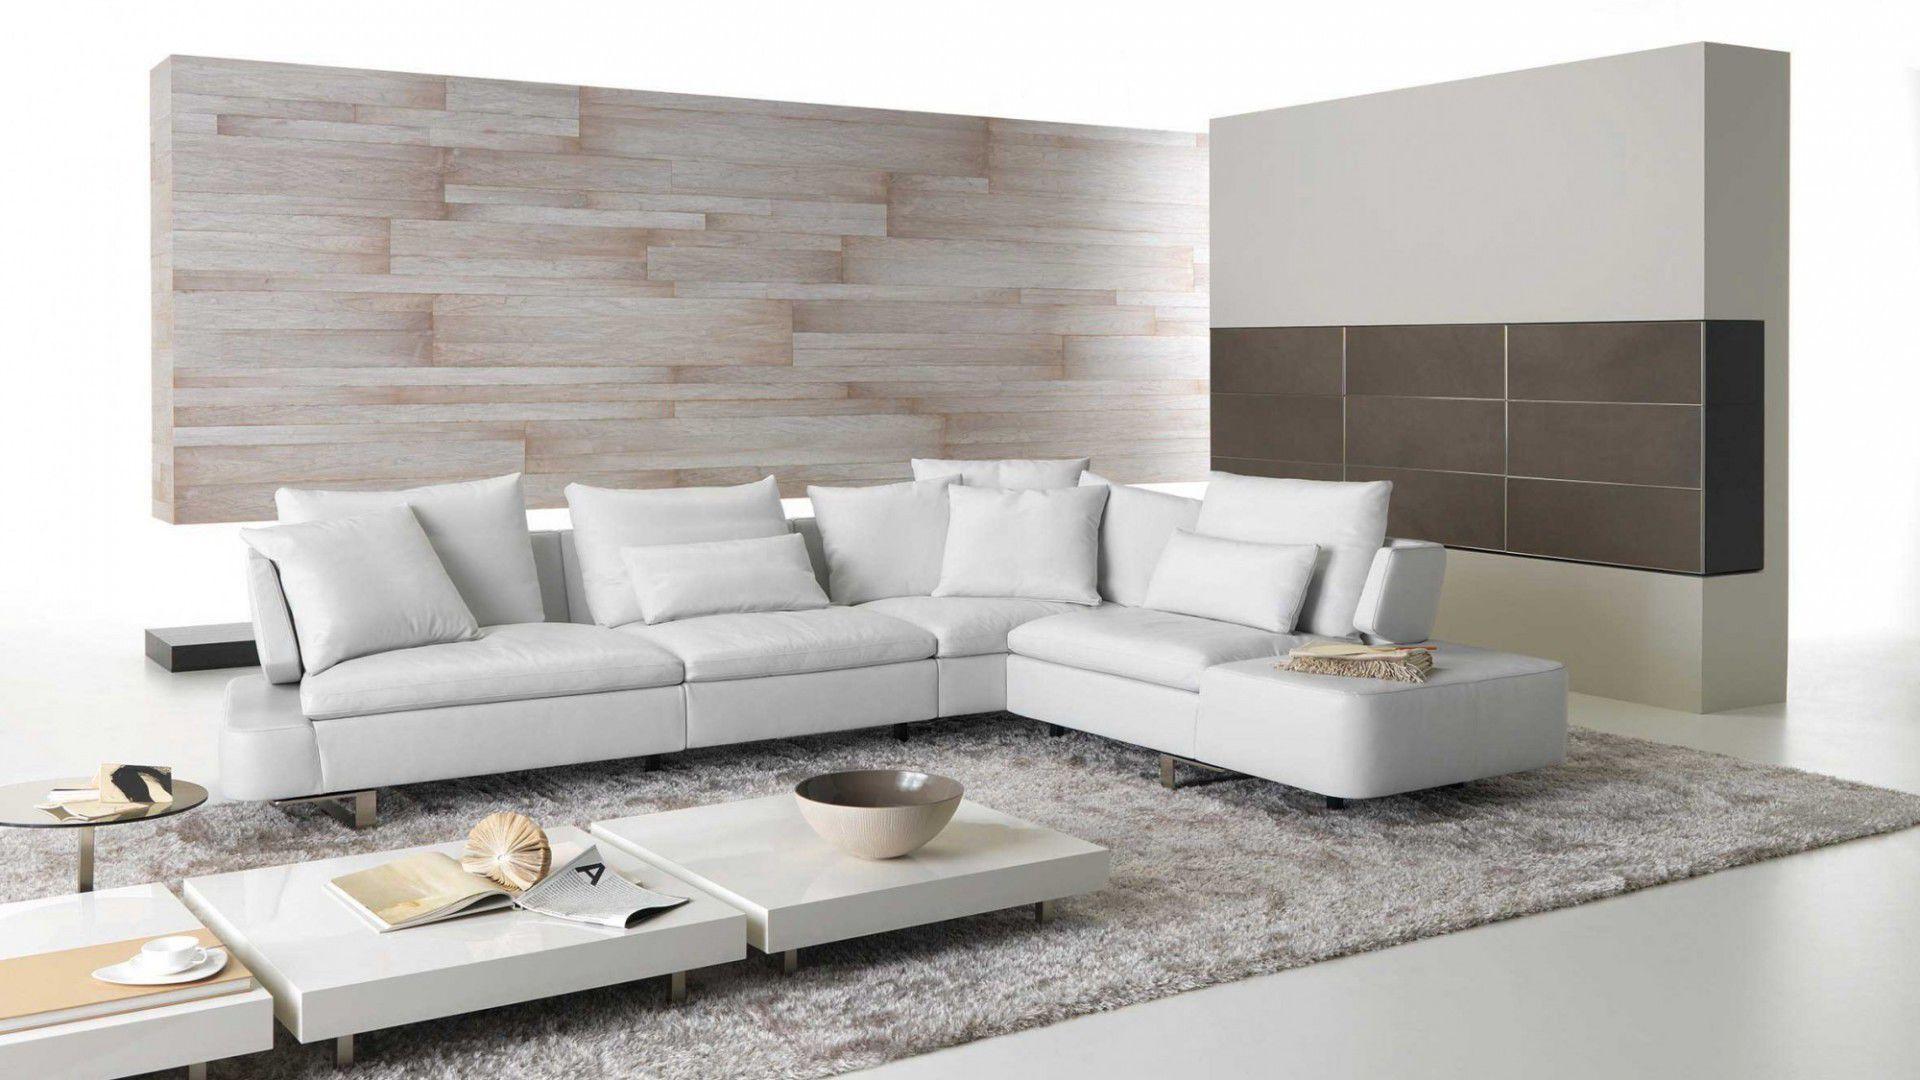 Modular sofa / contemporary / leather / fabric - OPUS - NATUZZI